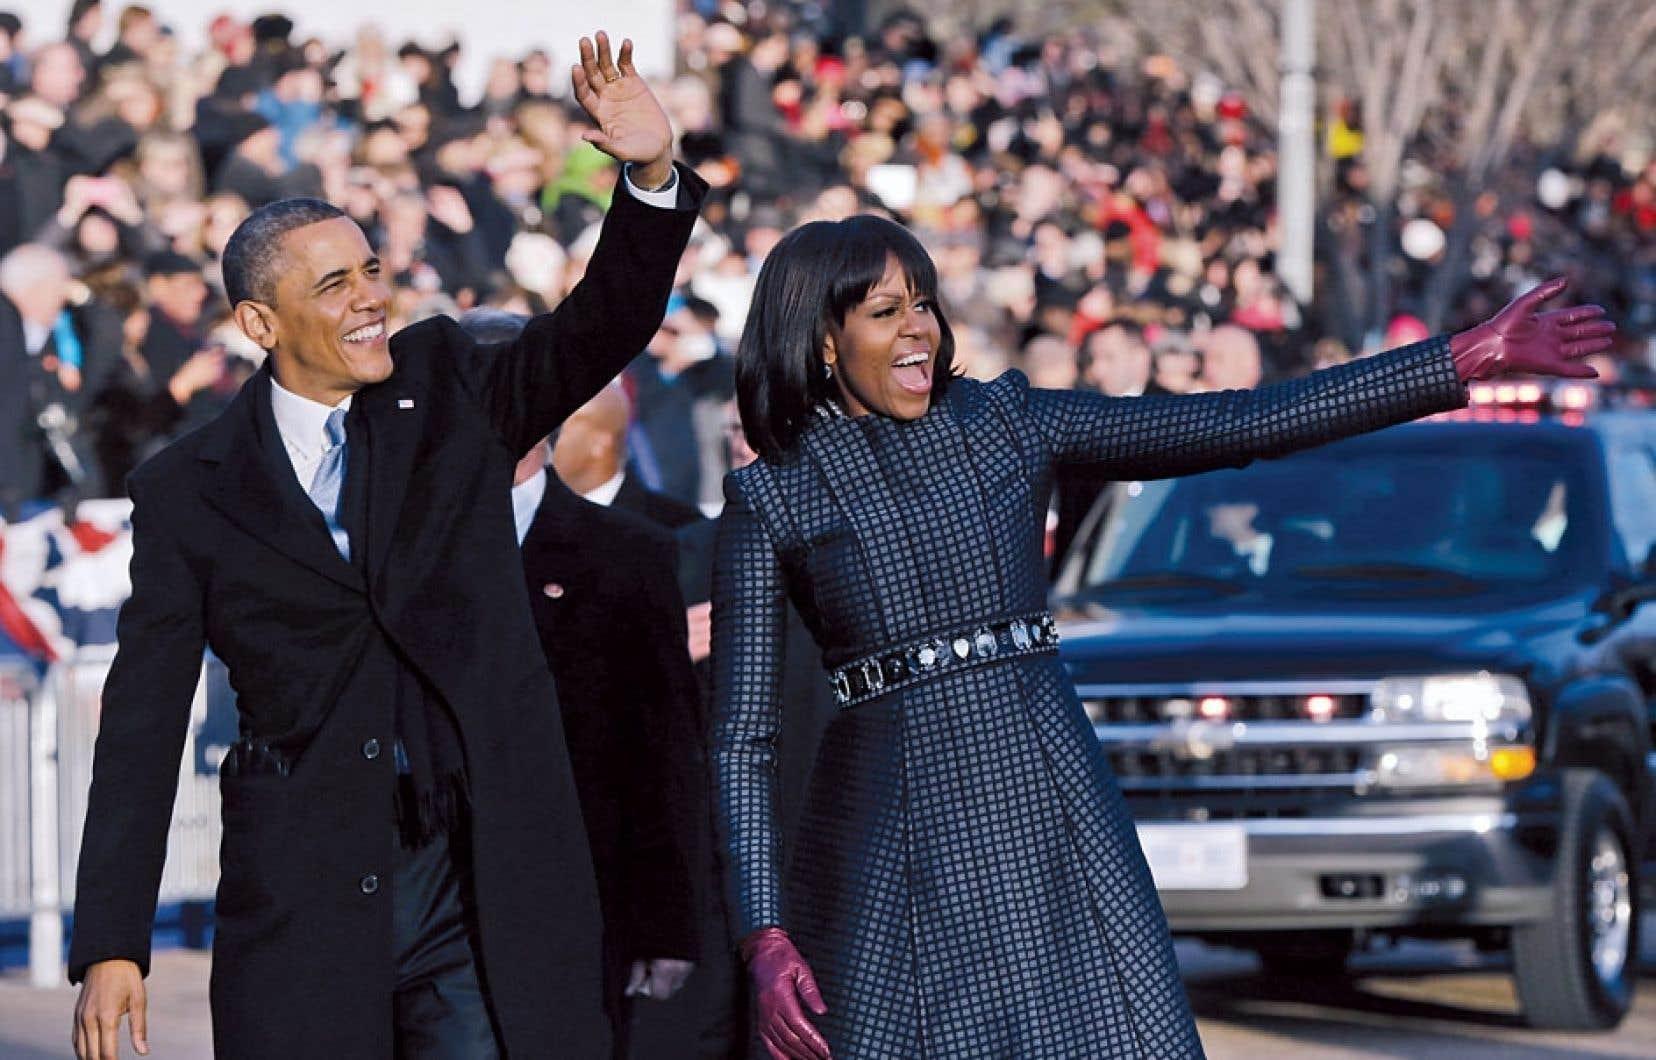 Barack Obama et sa femme, Michelle Obama, saluant la foule lors du défilé qui les a menés du Capitole jusqu'à la Maison-Blanche après la cérémonie d'investiture qui s'est déroulée lundi à Washington.